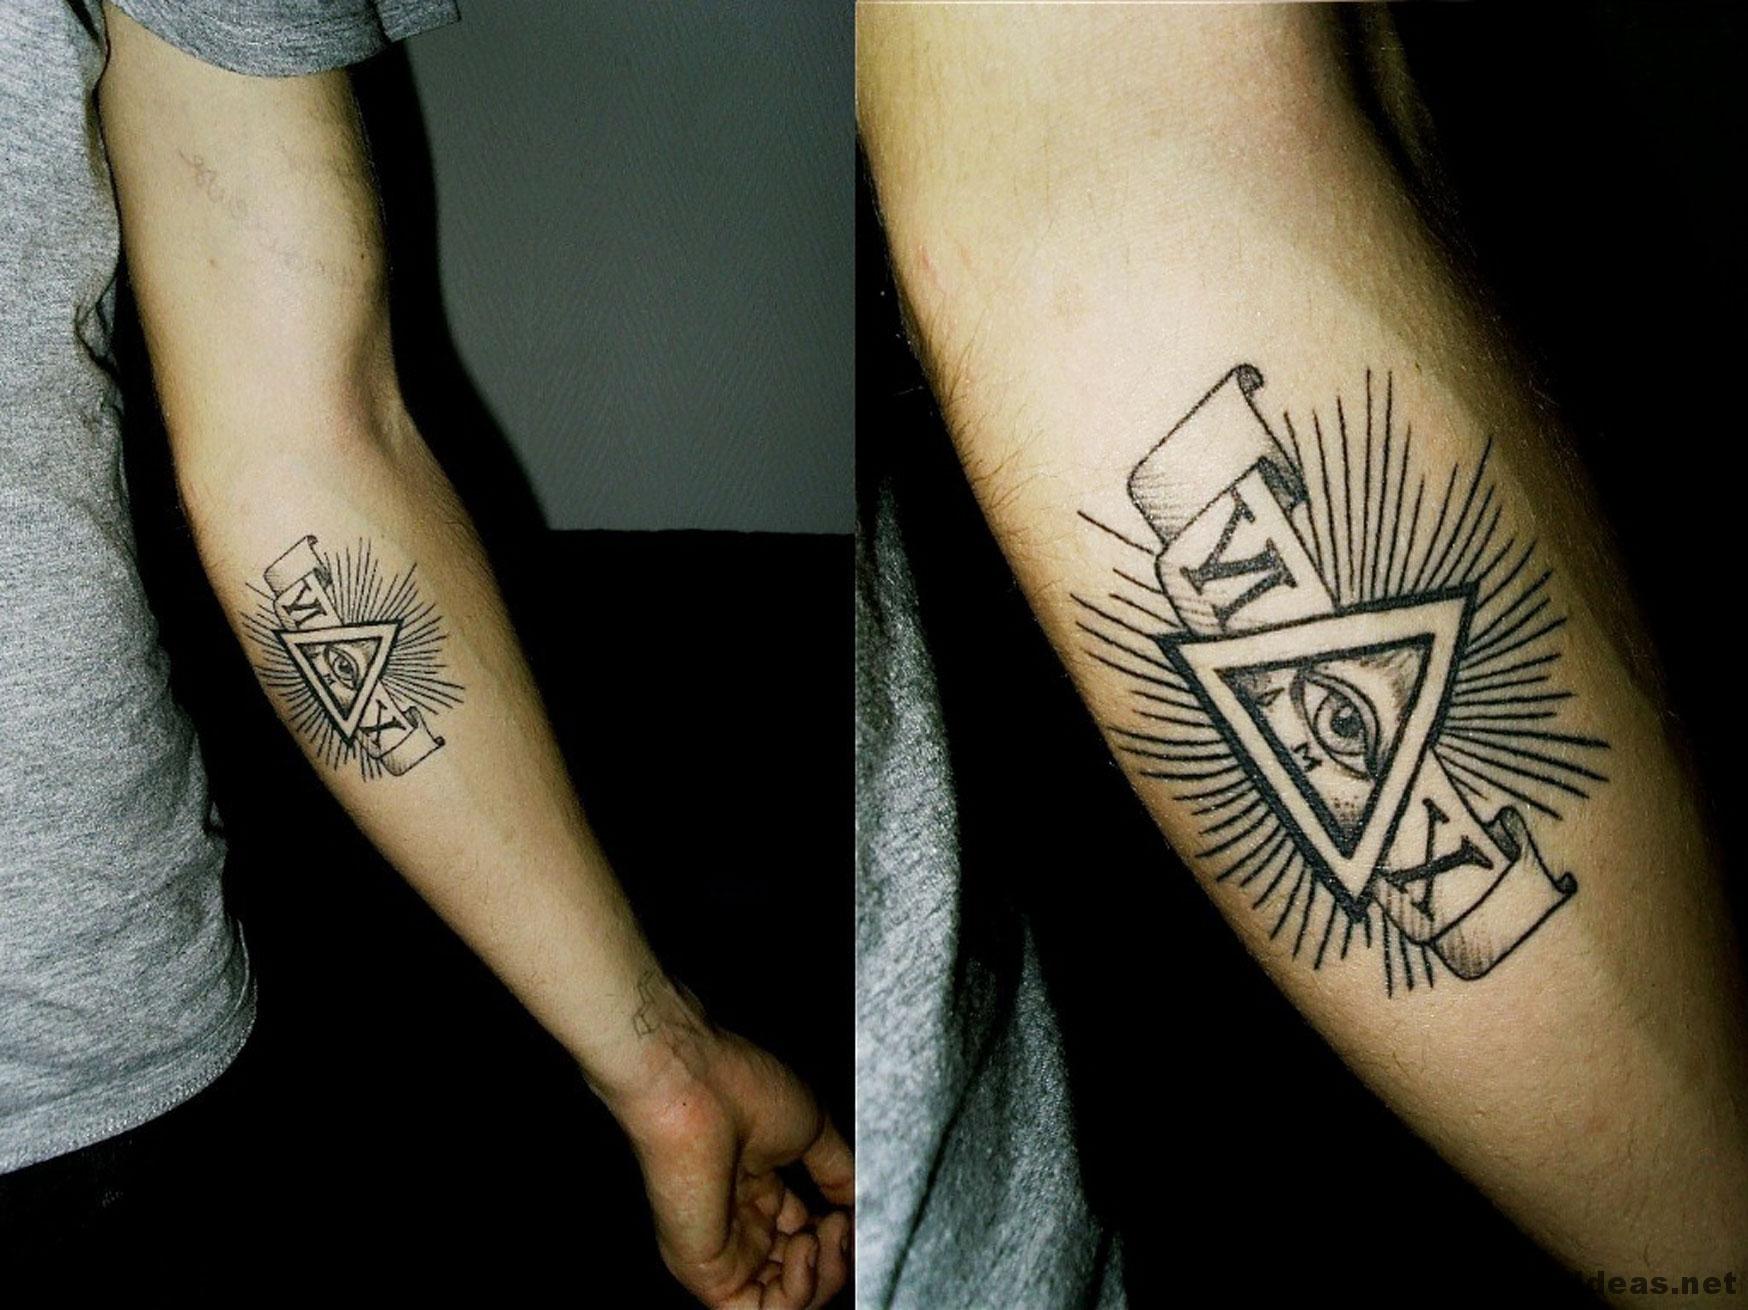 Another Illuminati Arm Tattoo Idea